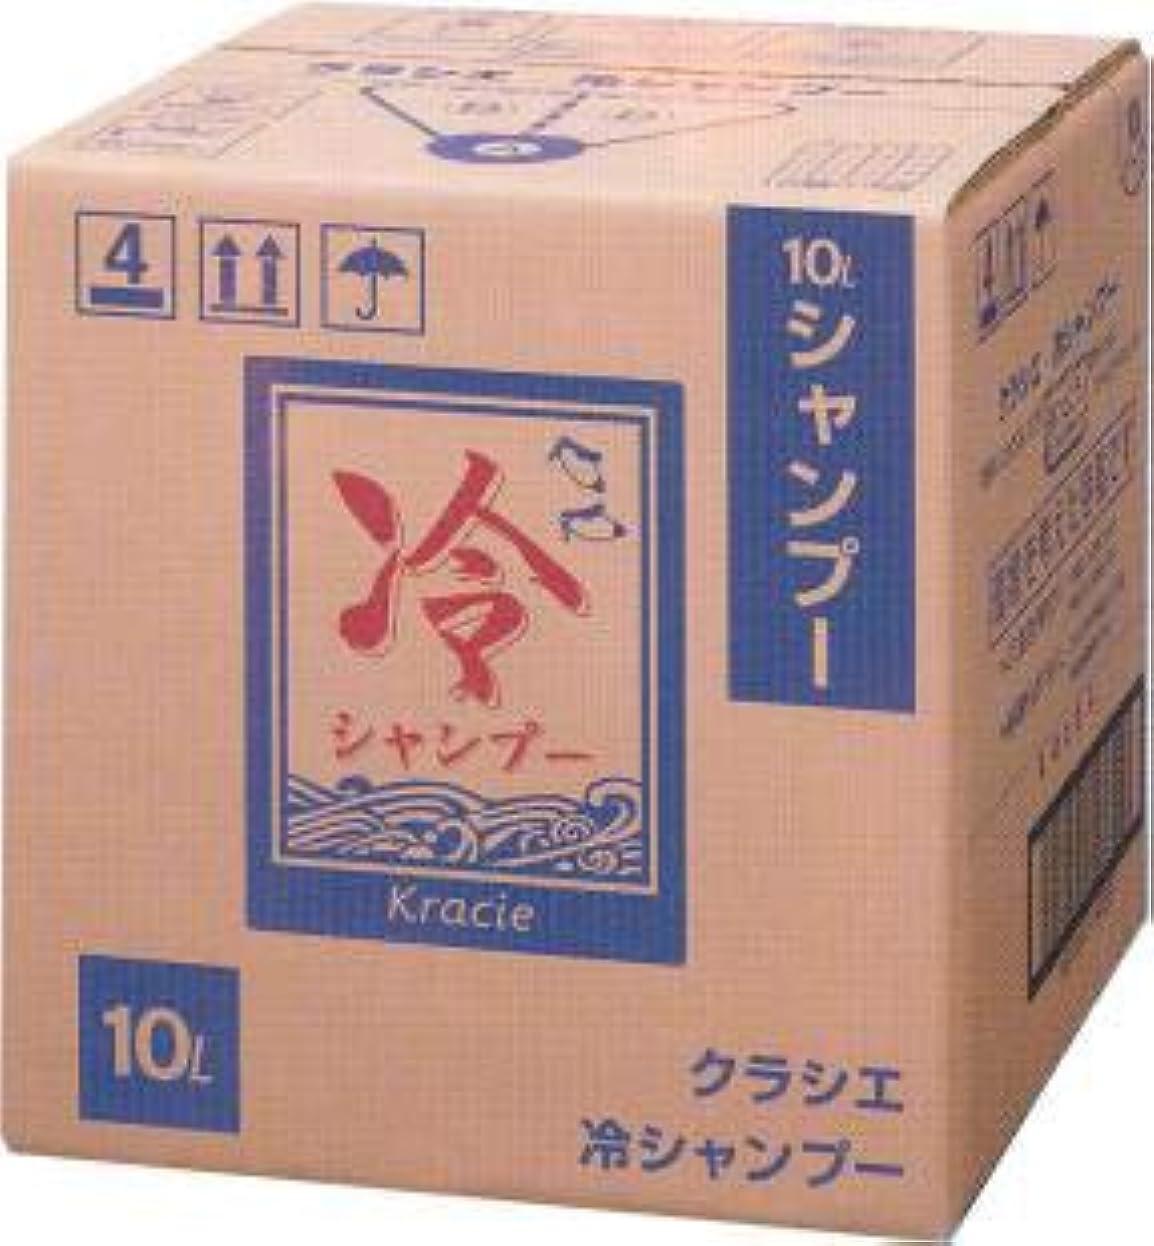 厄介な相関する生kracie クラシエ 冷 シャンプー 10L 詰め替え 業務用